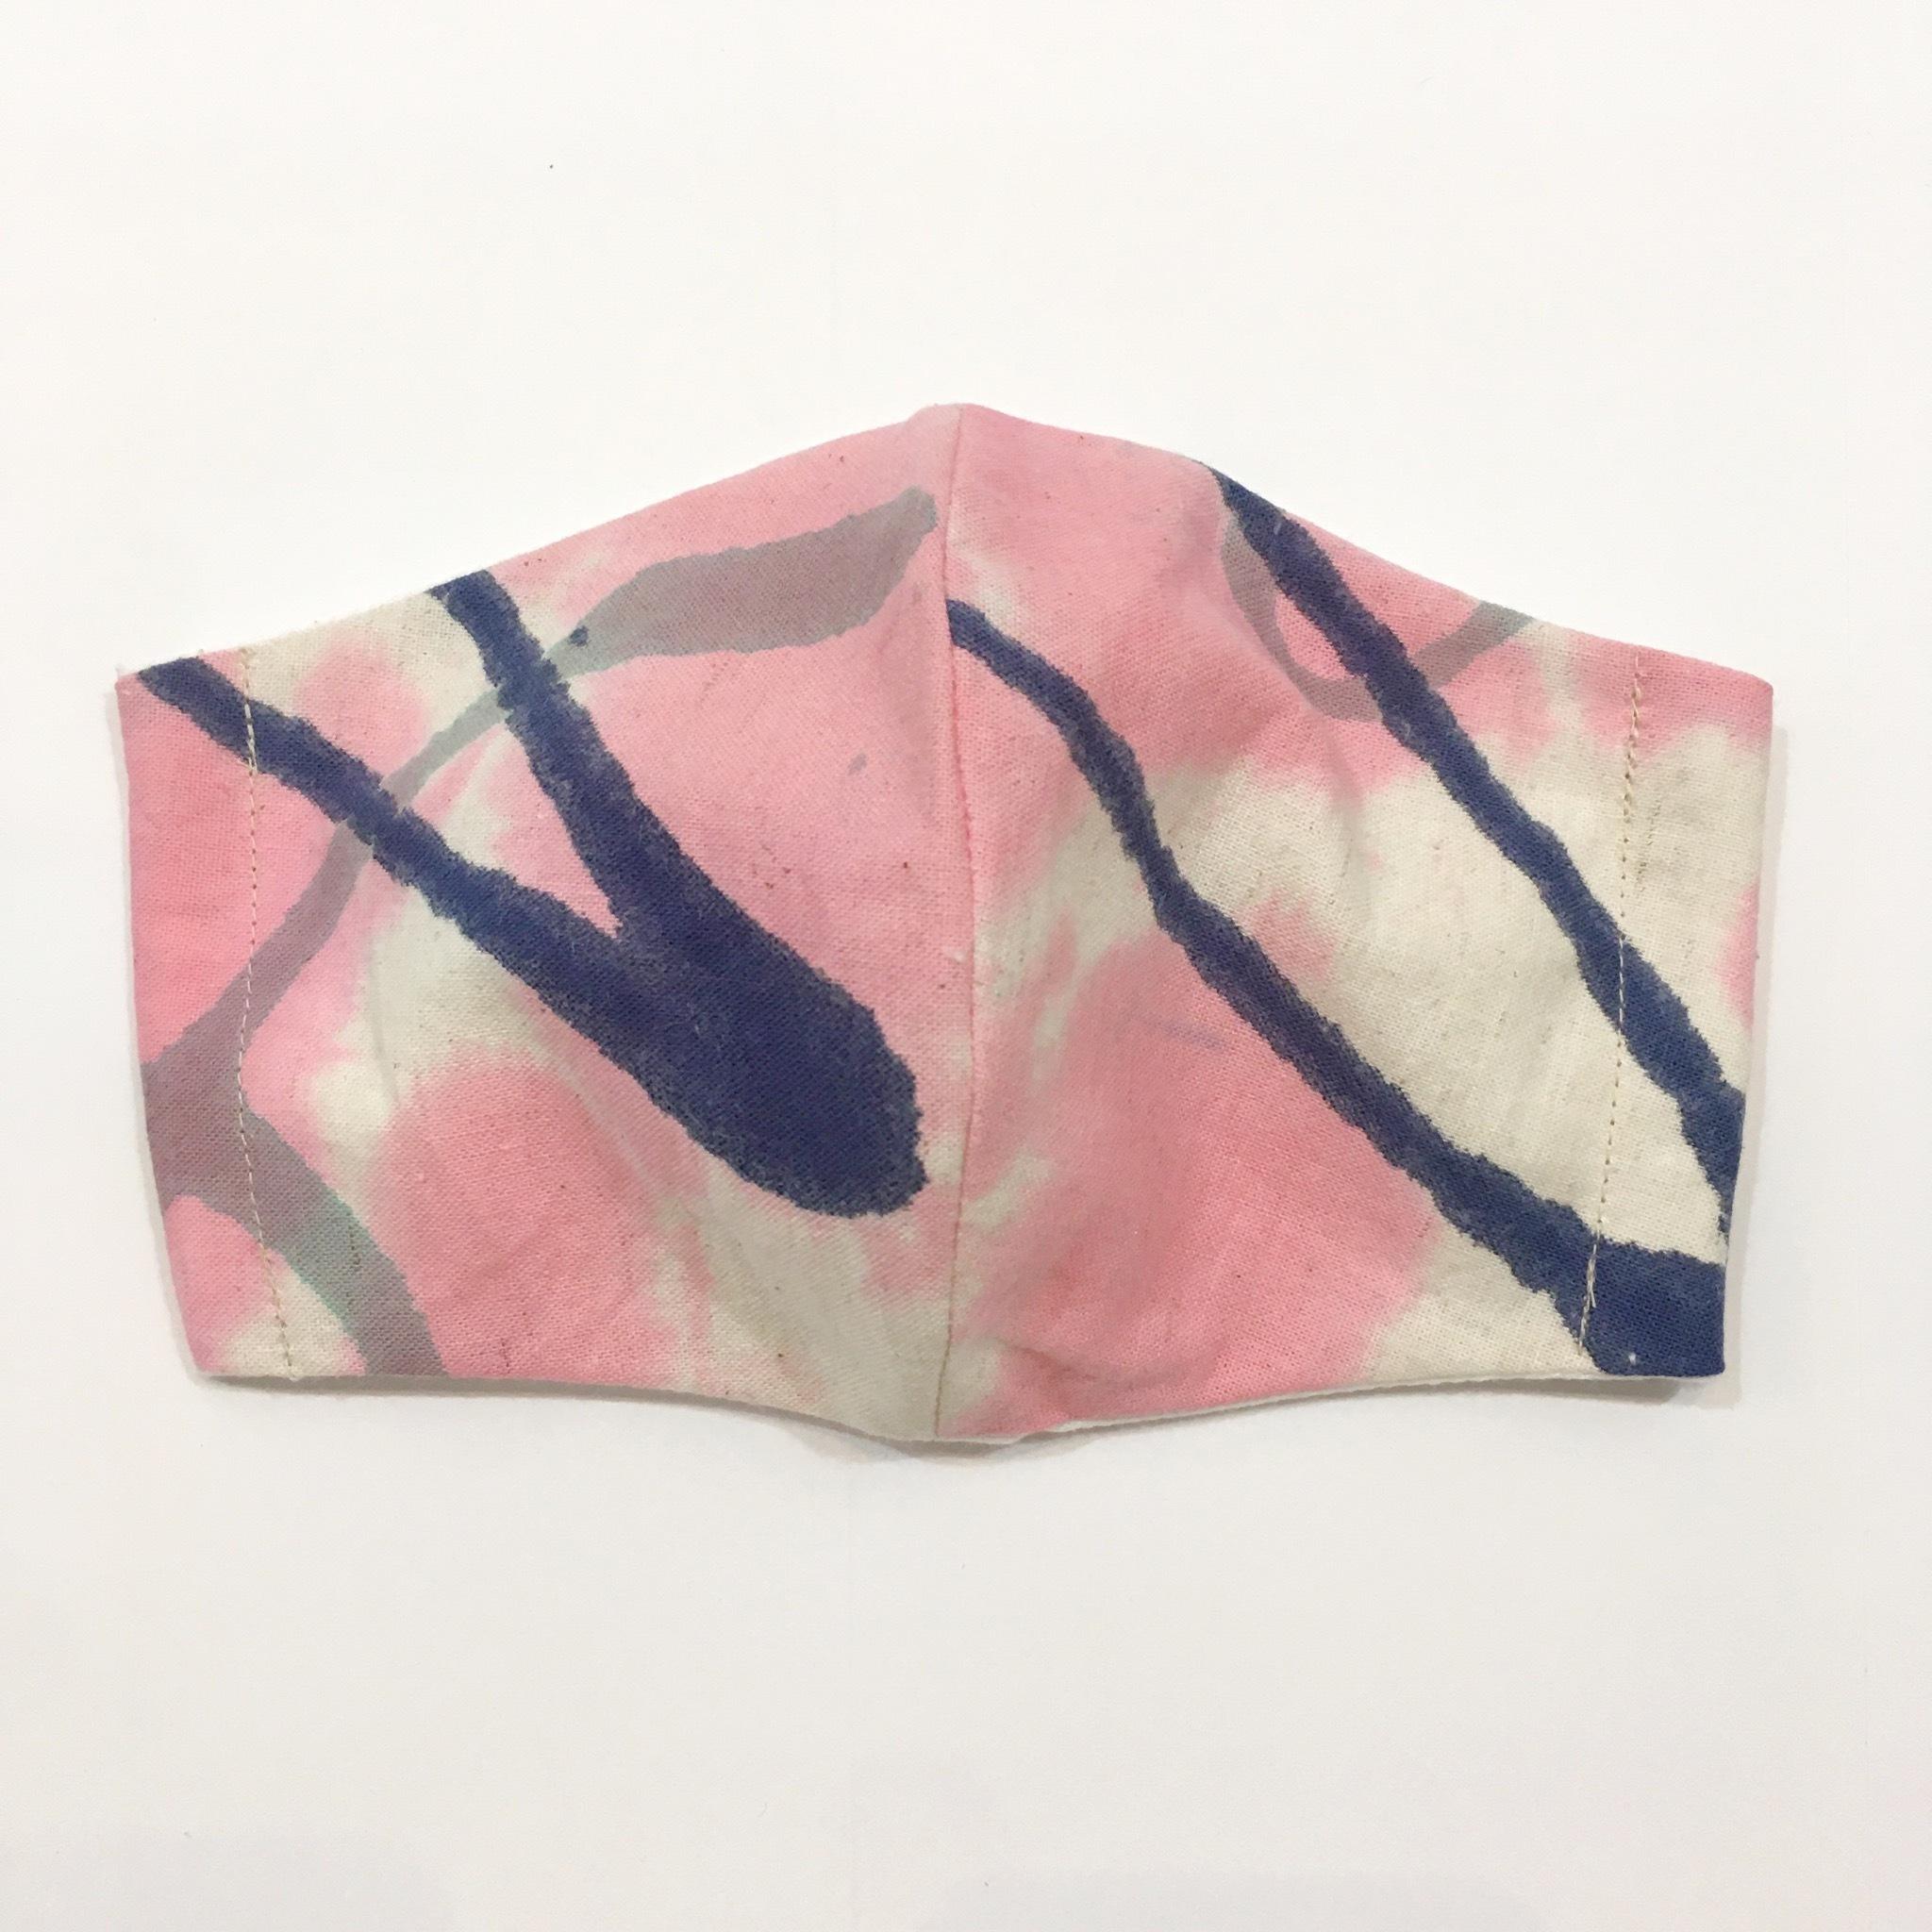 【HOLLYGRANTPATTERN】手染めの立体布マスク(ピンク×ネイビー)